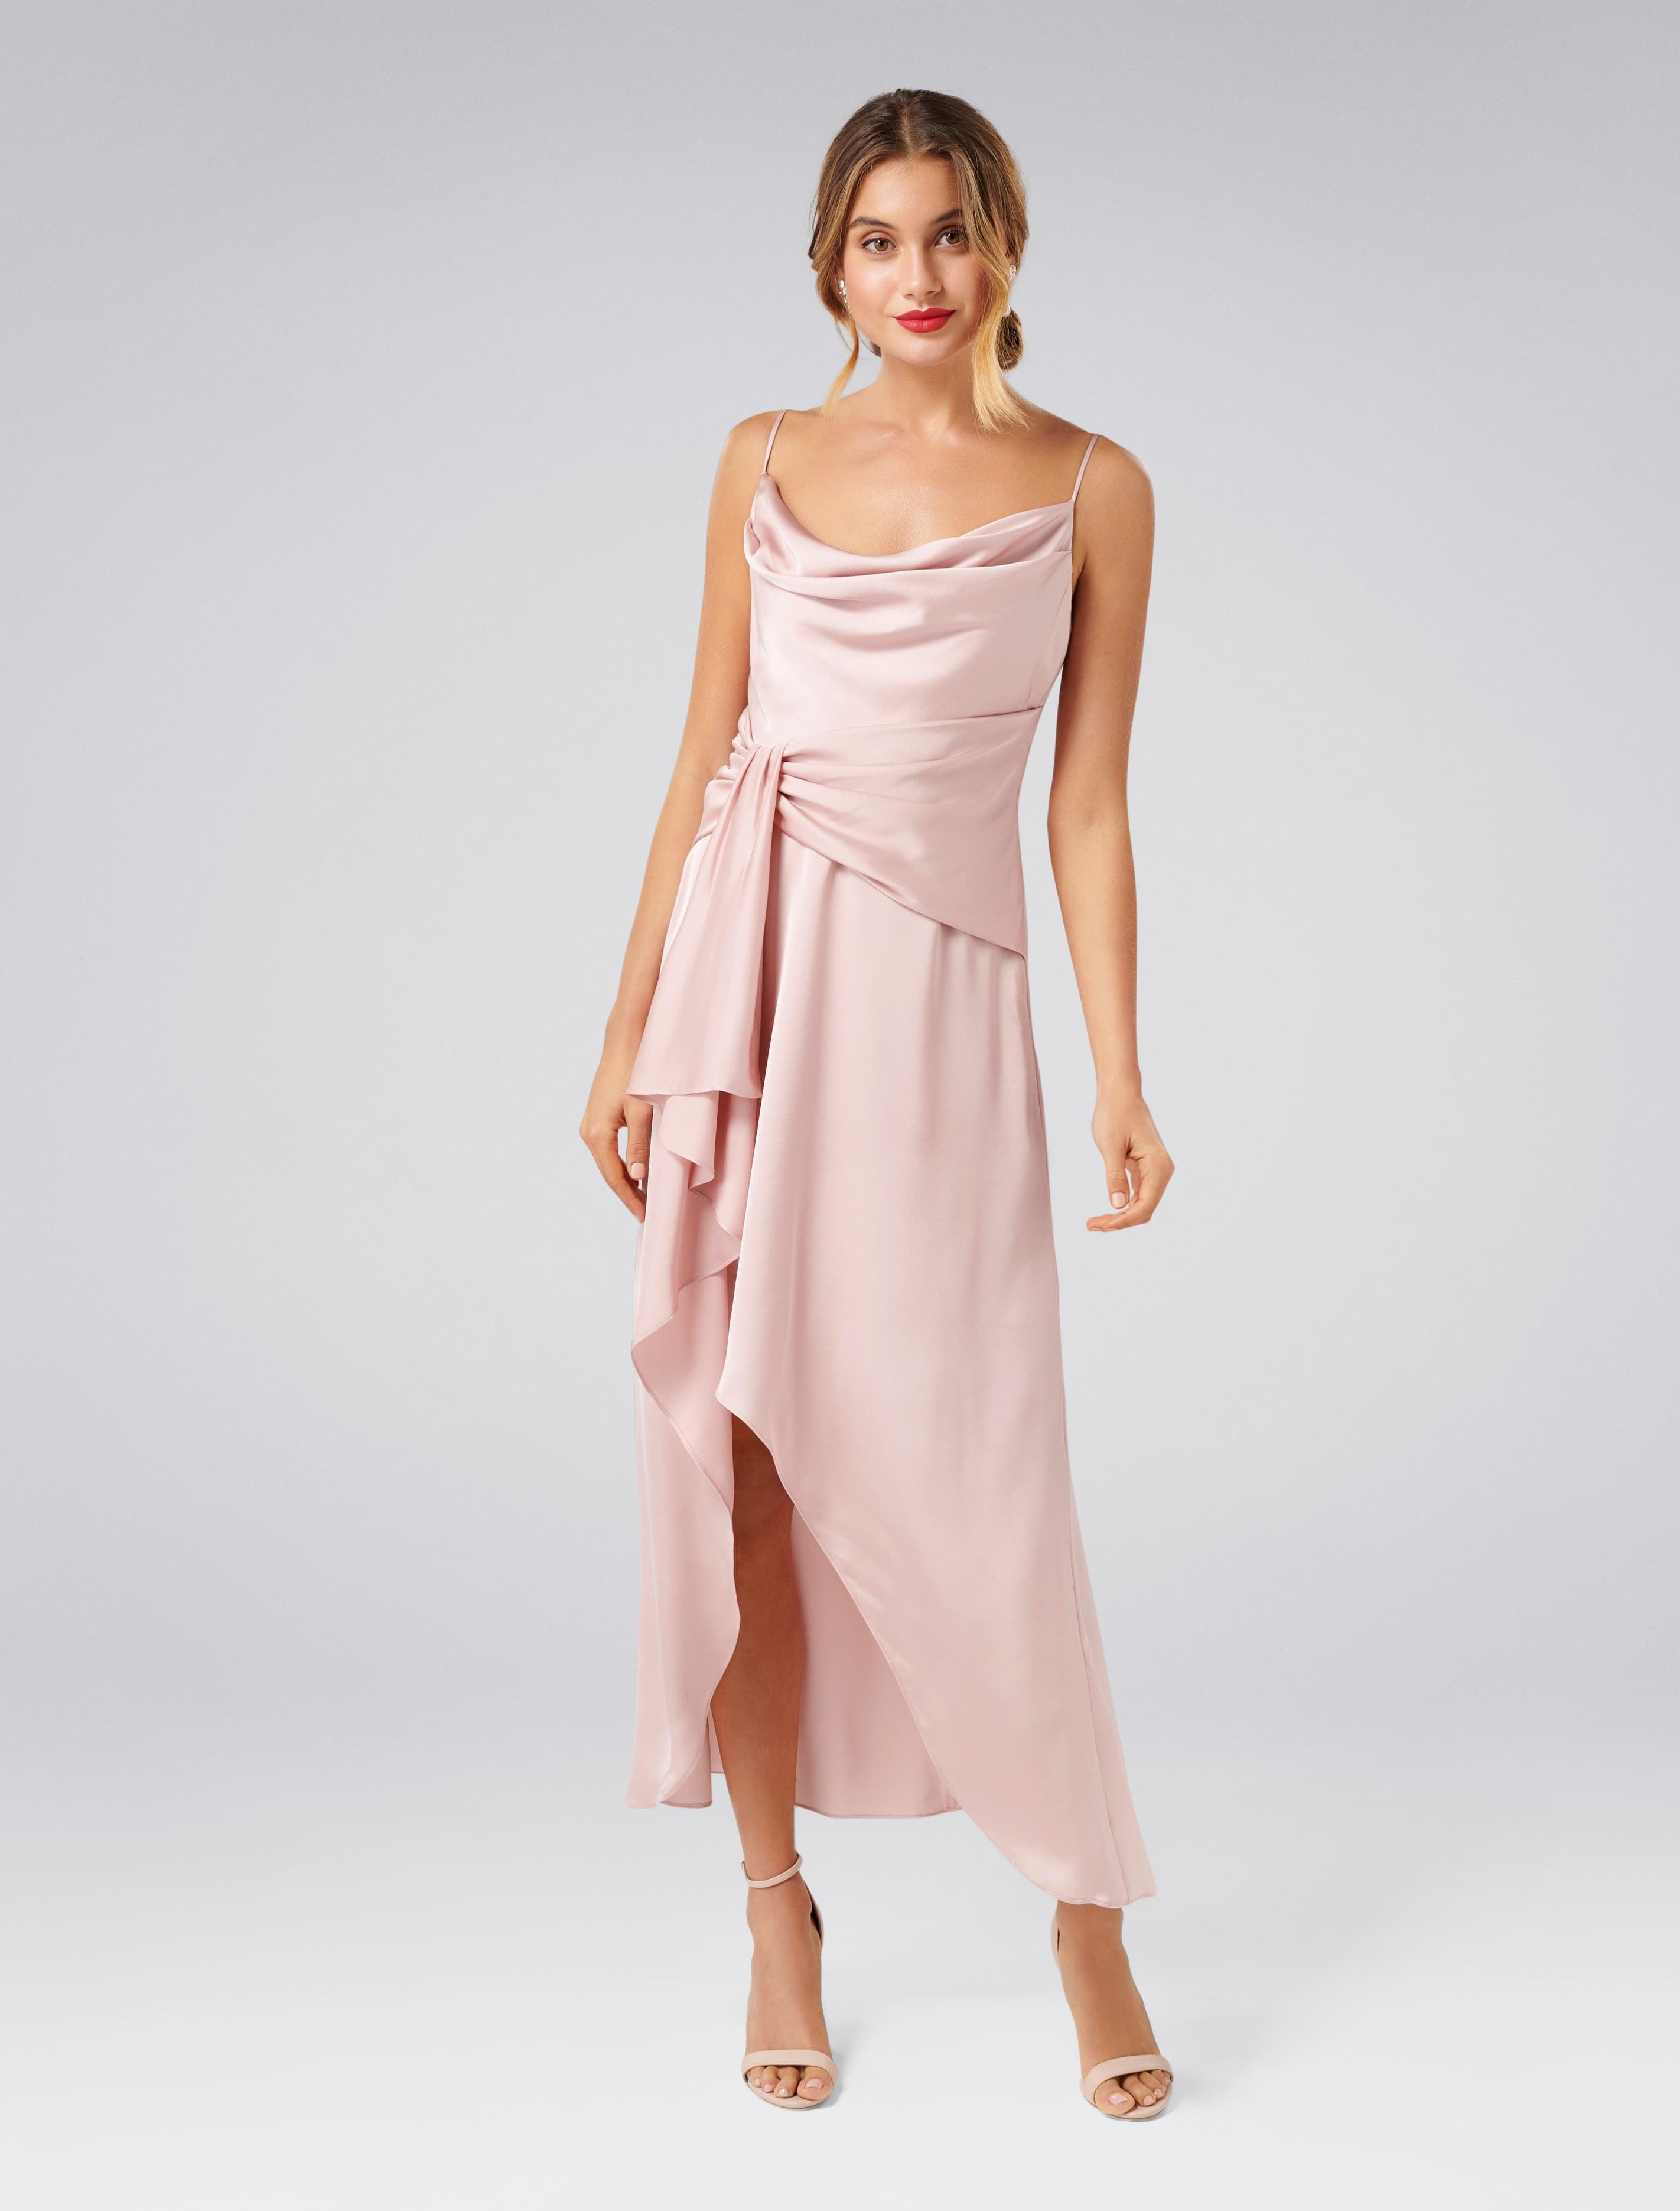 Vintage 1920s Dresses – Where to Buy Dove Cowl Neck Wrap Dress - Pink - 12 $119.95 AT vintagedancer.com